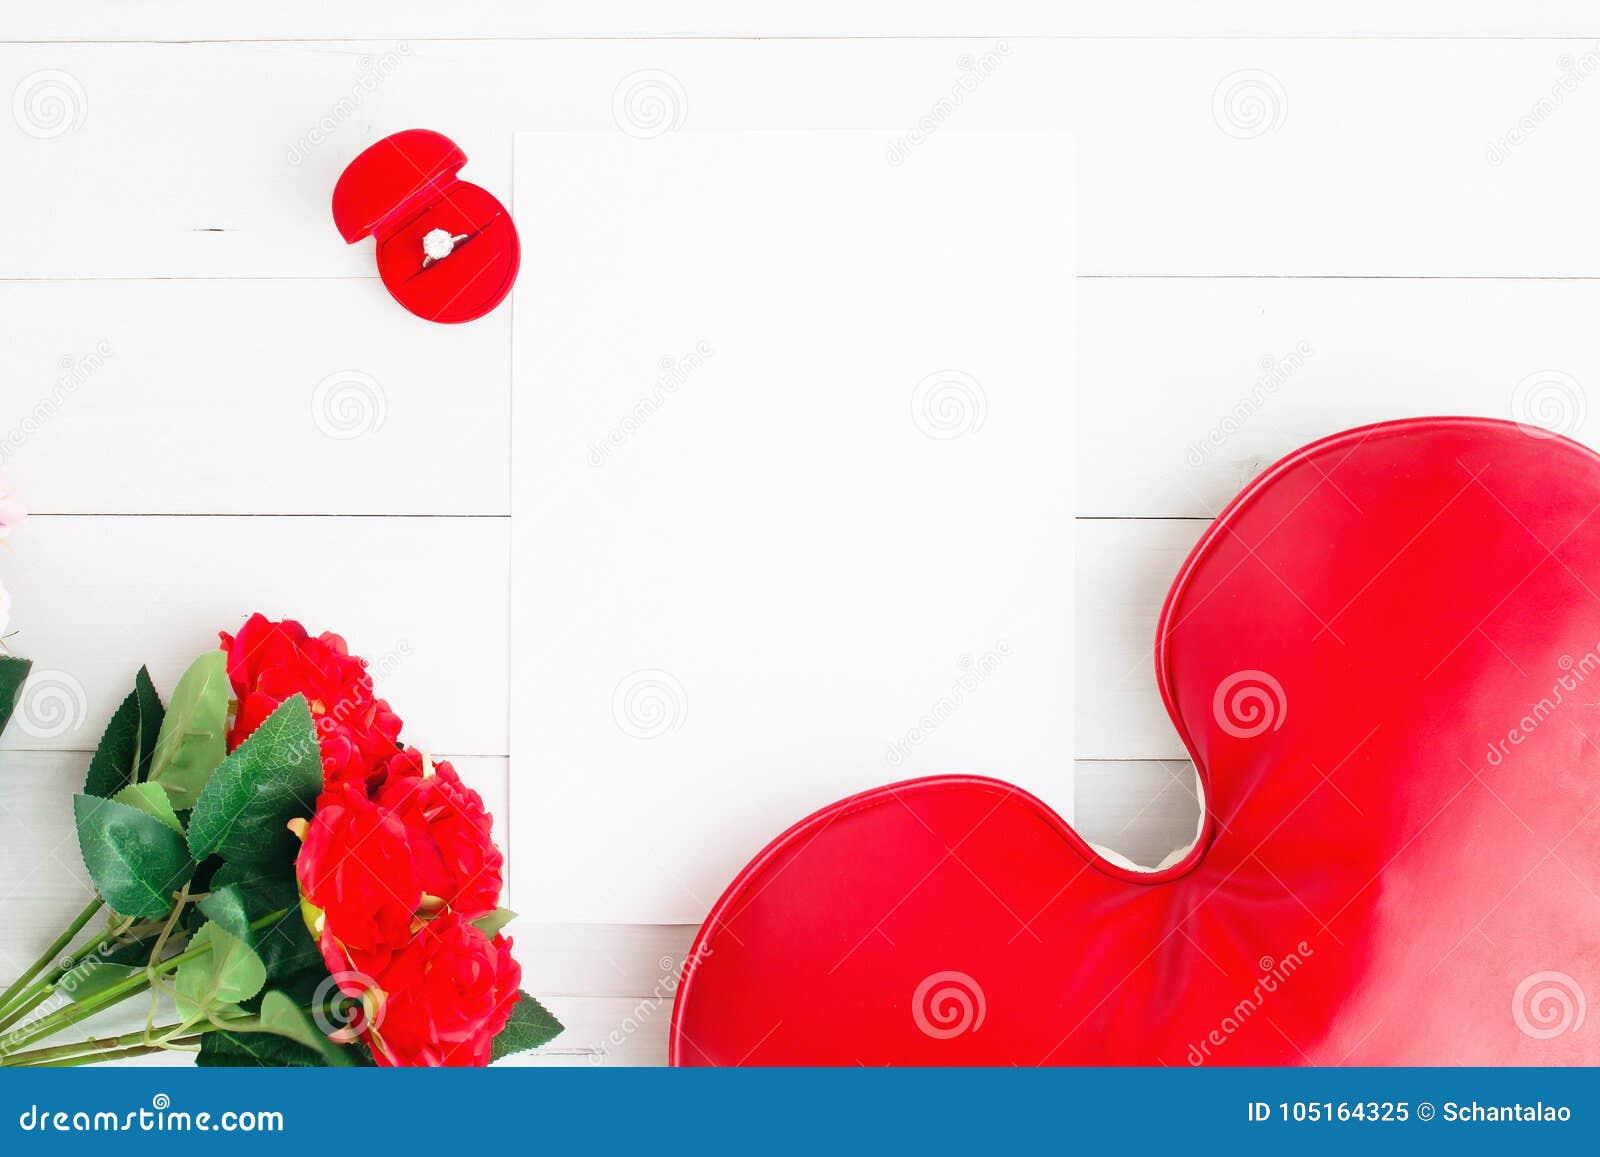 0fdcc4ef2 Configuração lisa do anel de noivado na caixa vermelha com rosas vermelhas  e do coração no Livro Branco vazio